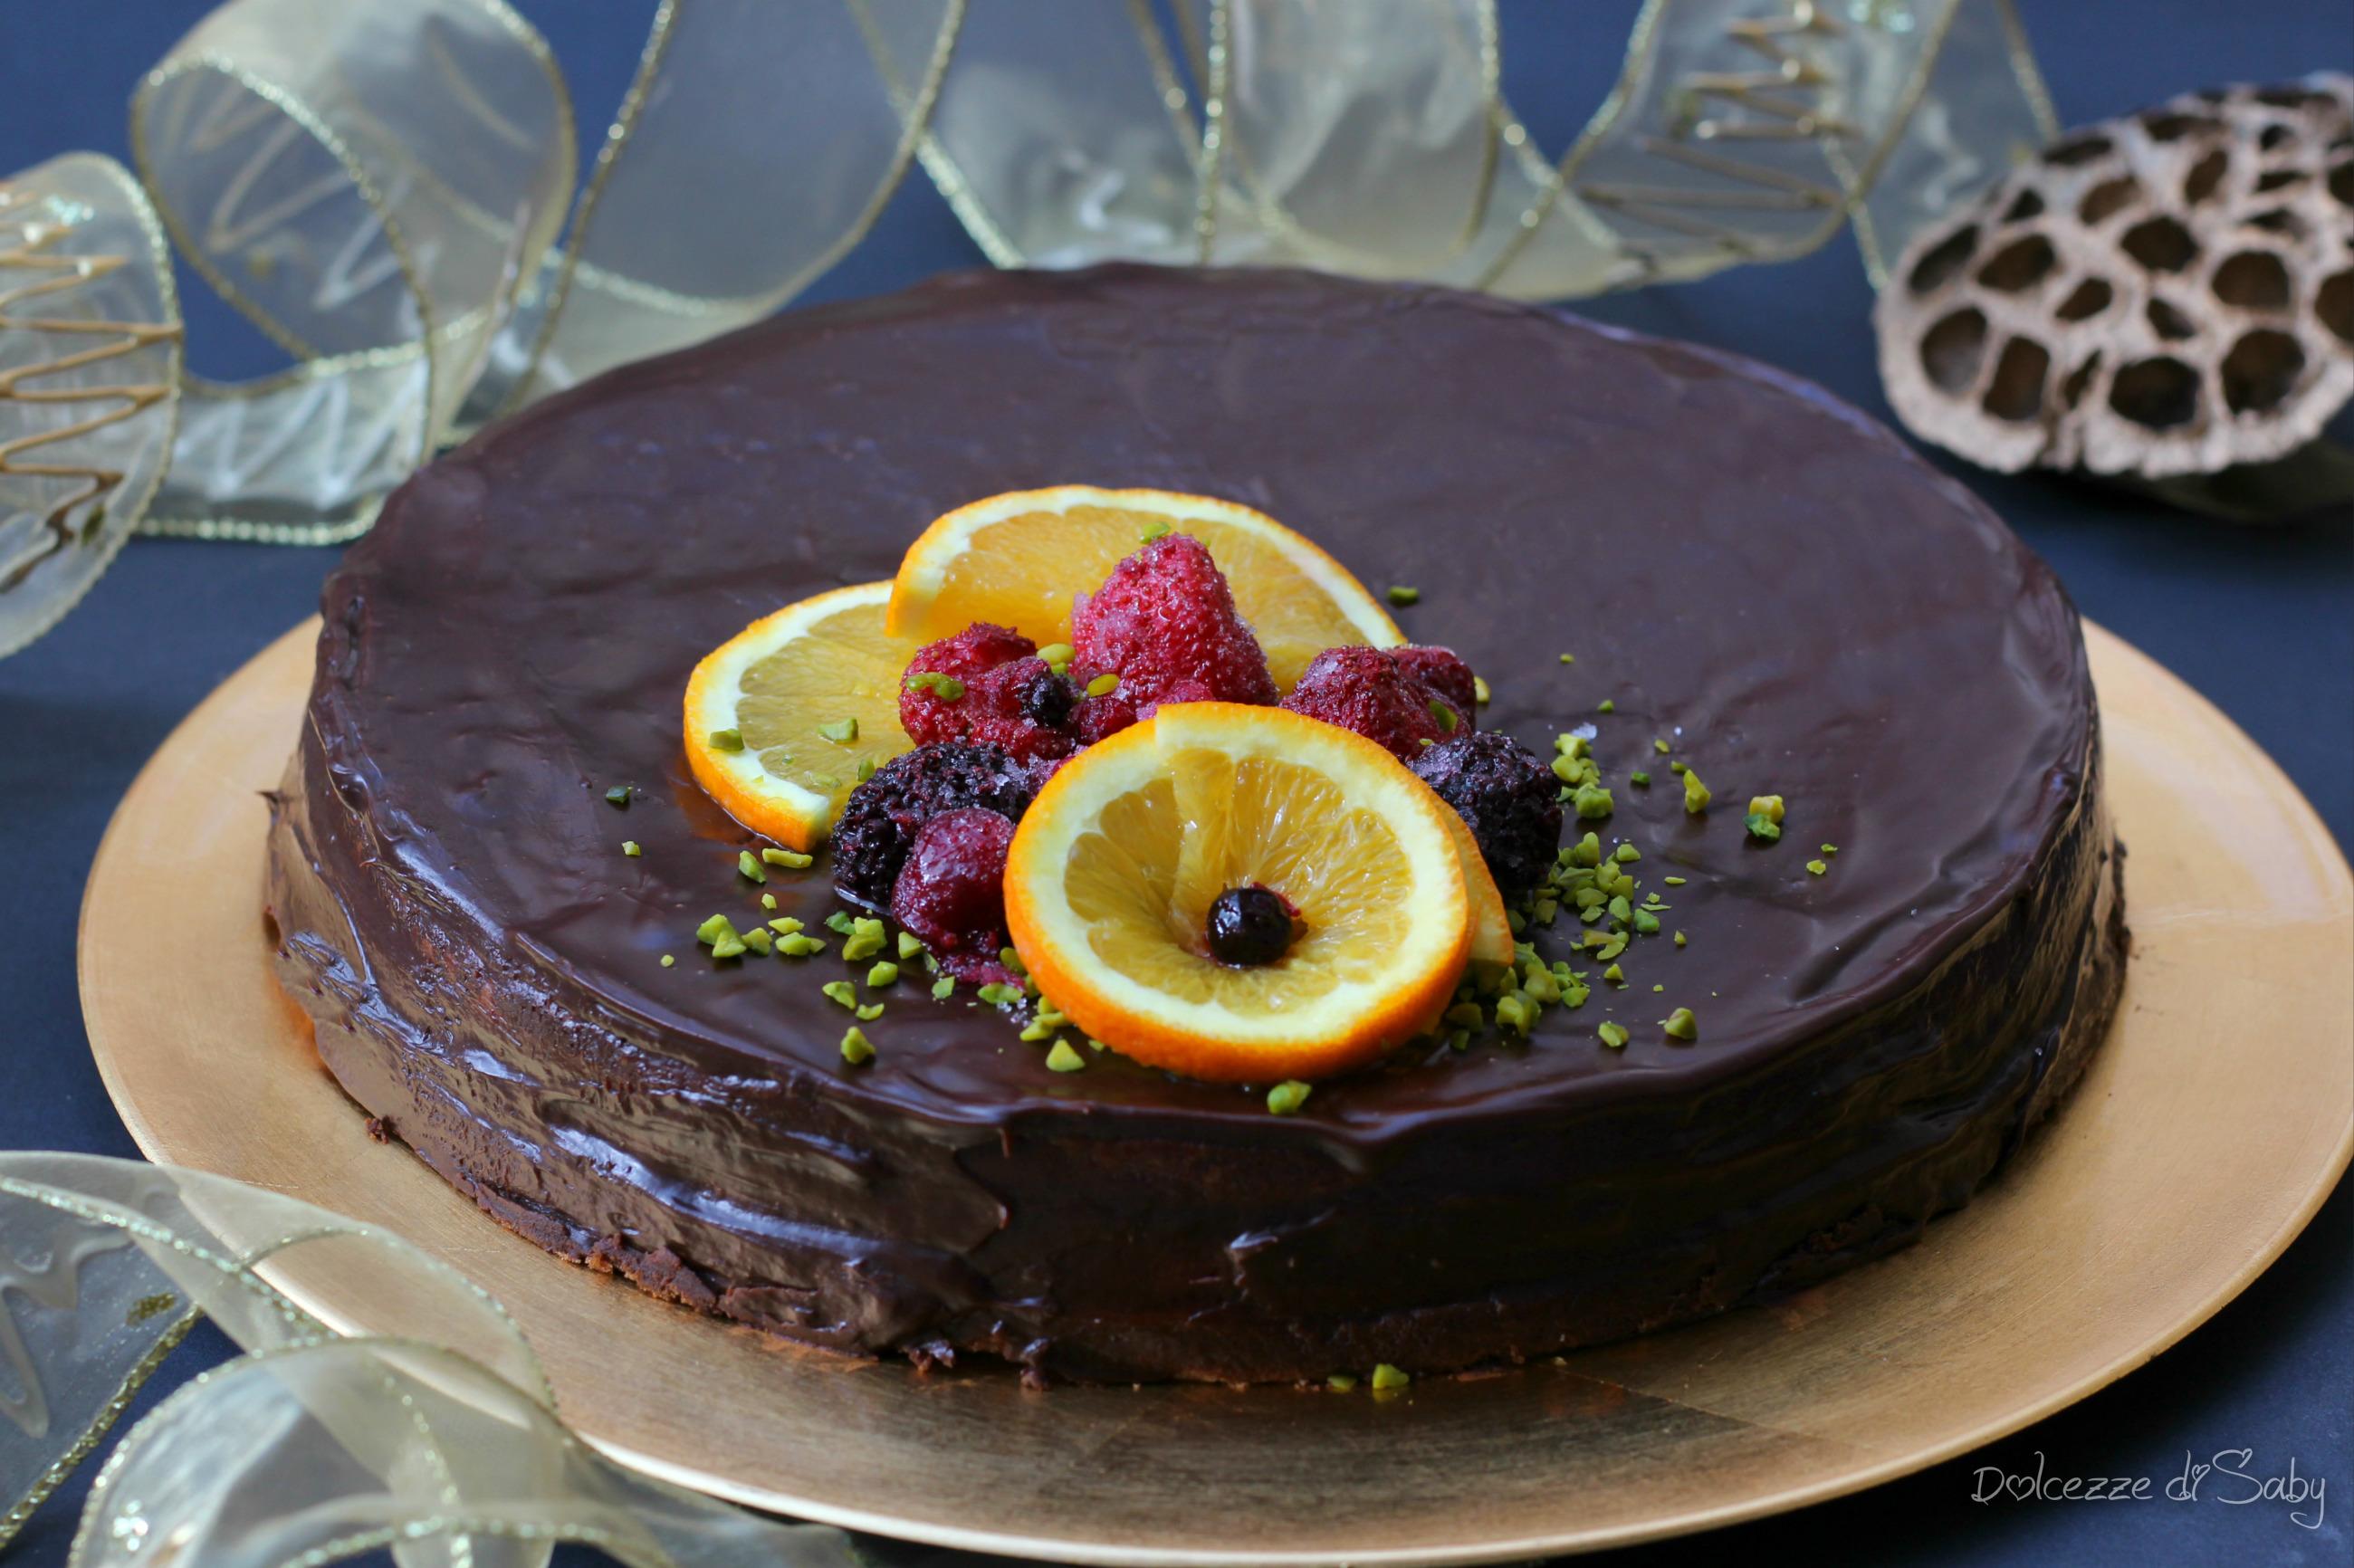 Torta al cioccolato fondente (senza lattosio)